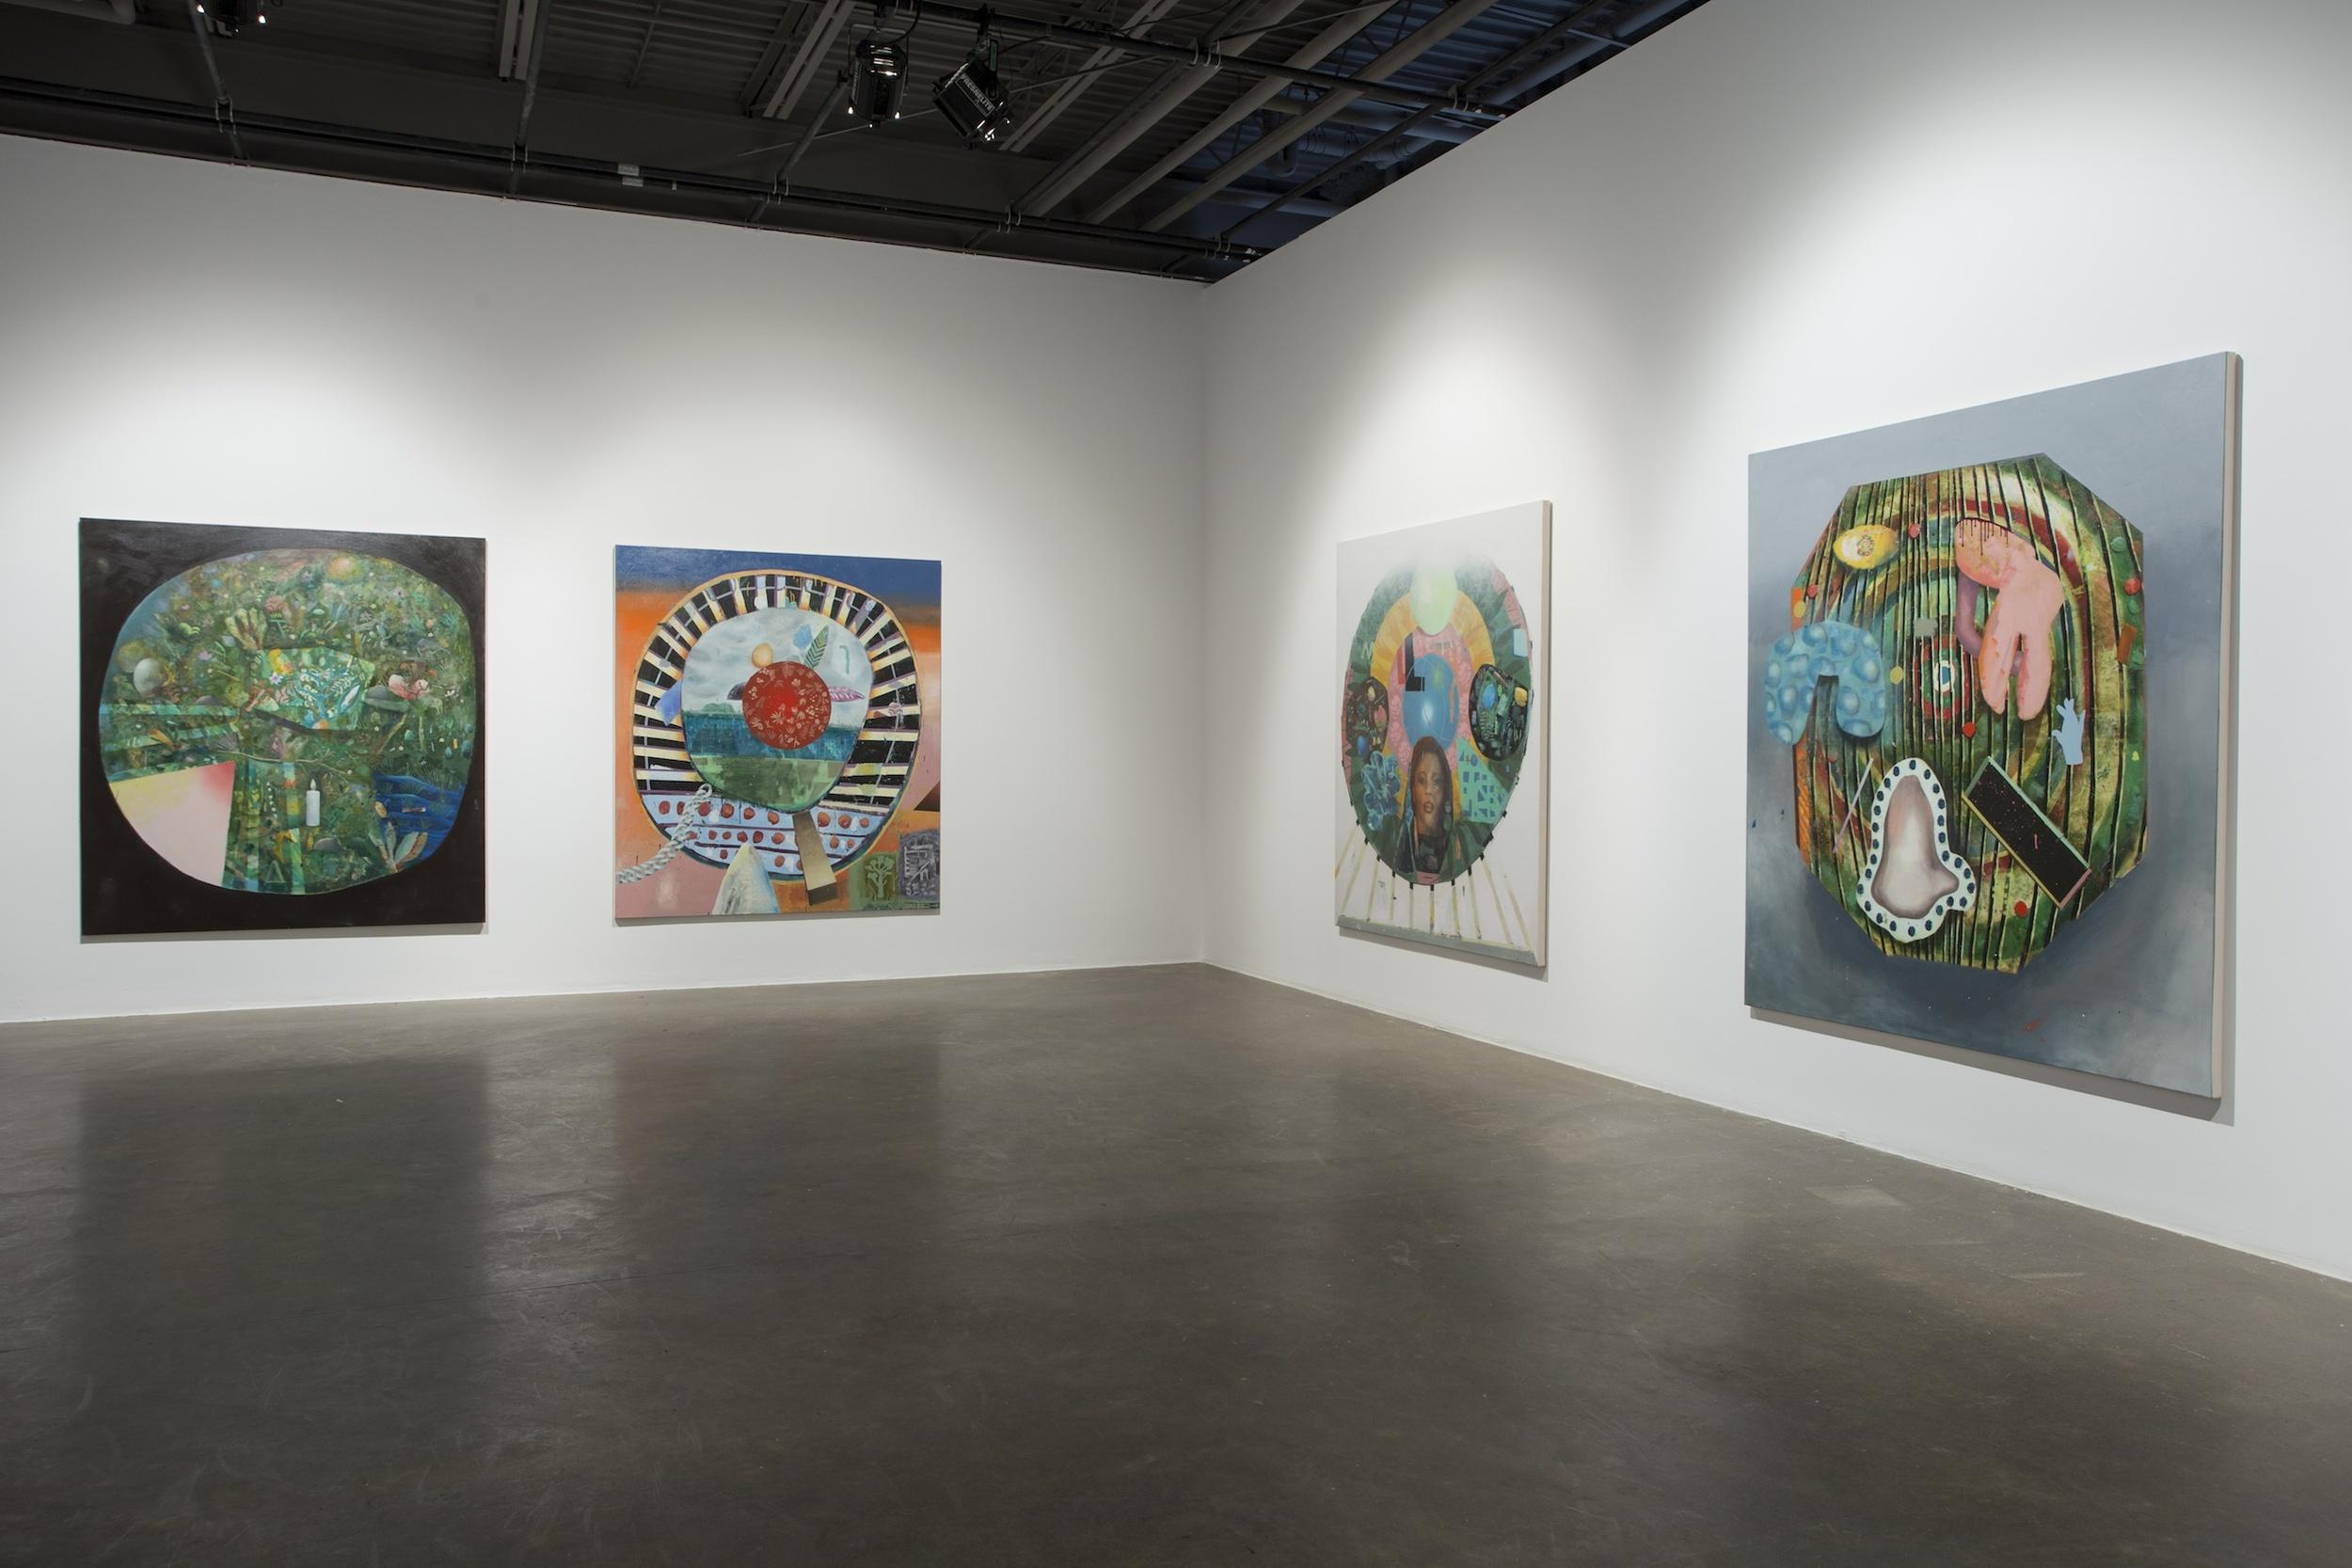 The Fans, Installation view, L'oeil de Poisson Gallery, Québec, 2014